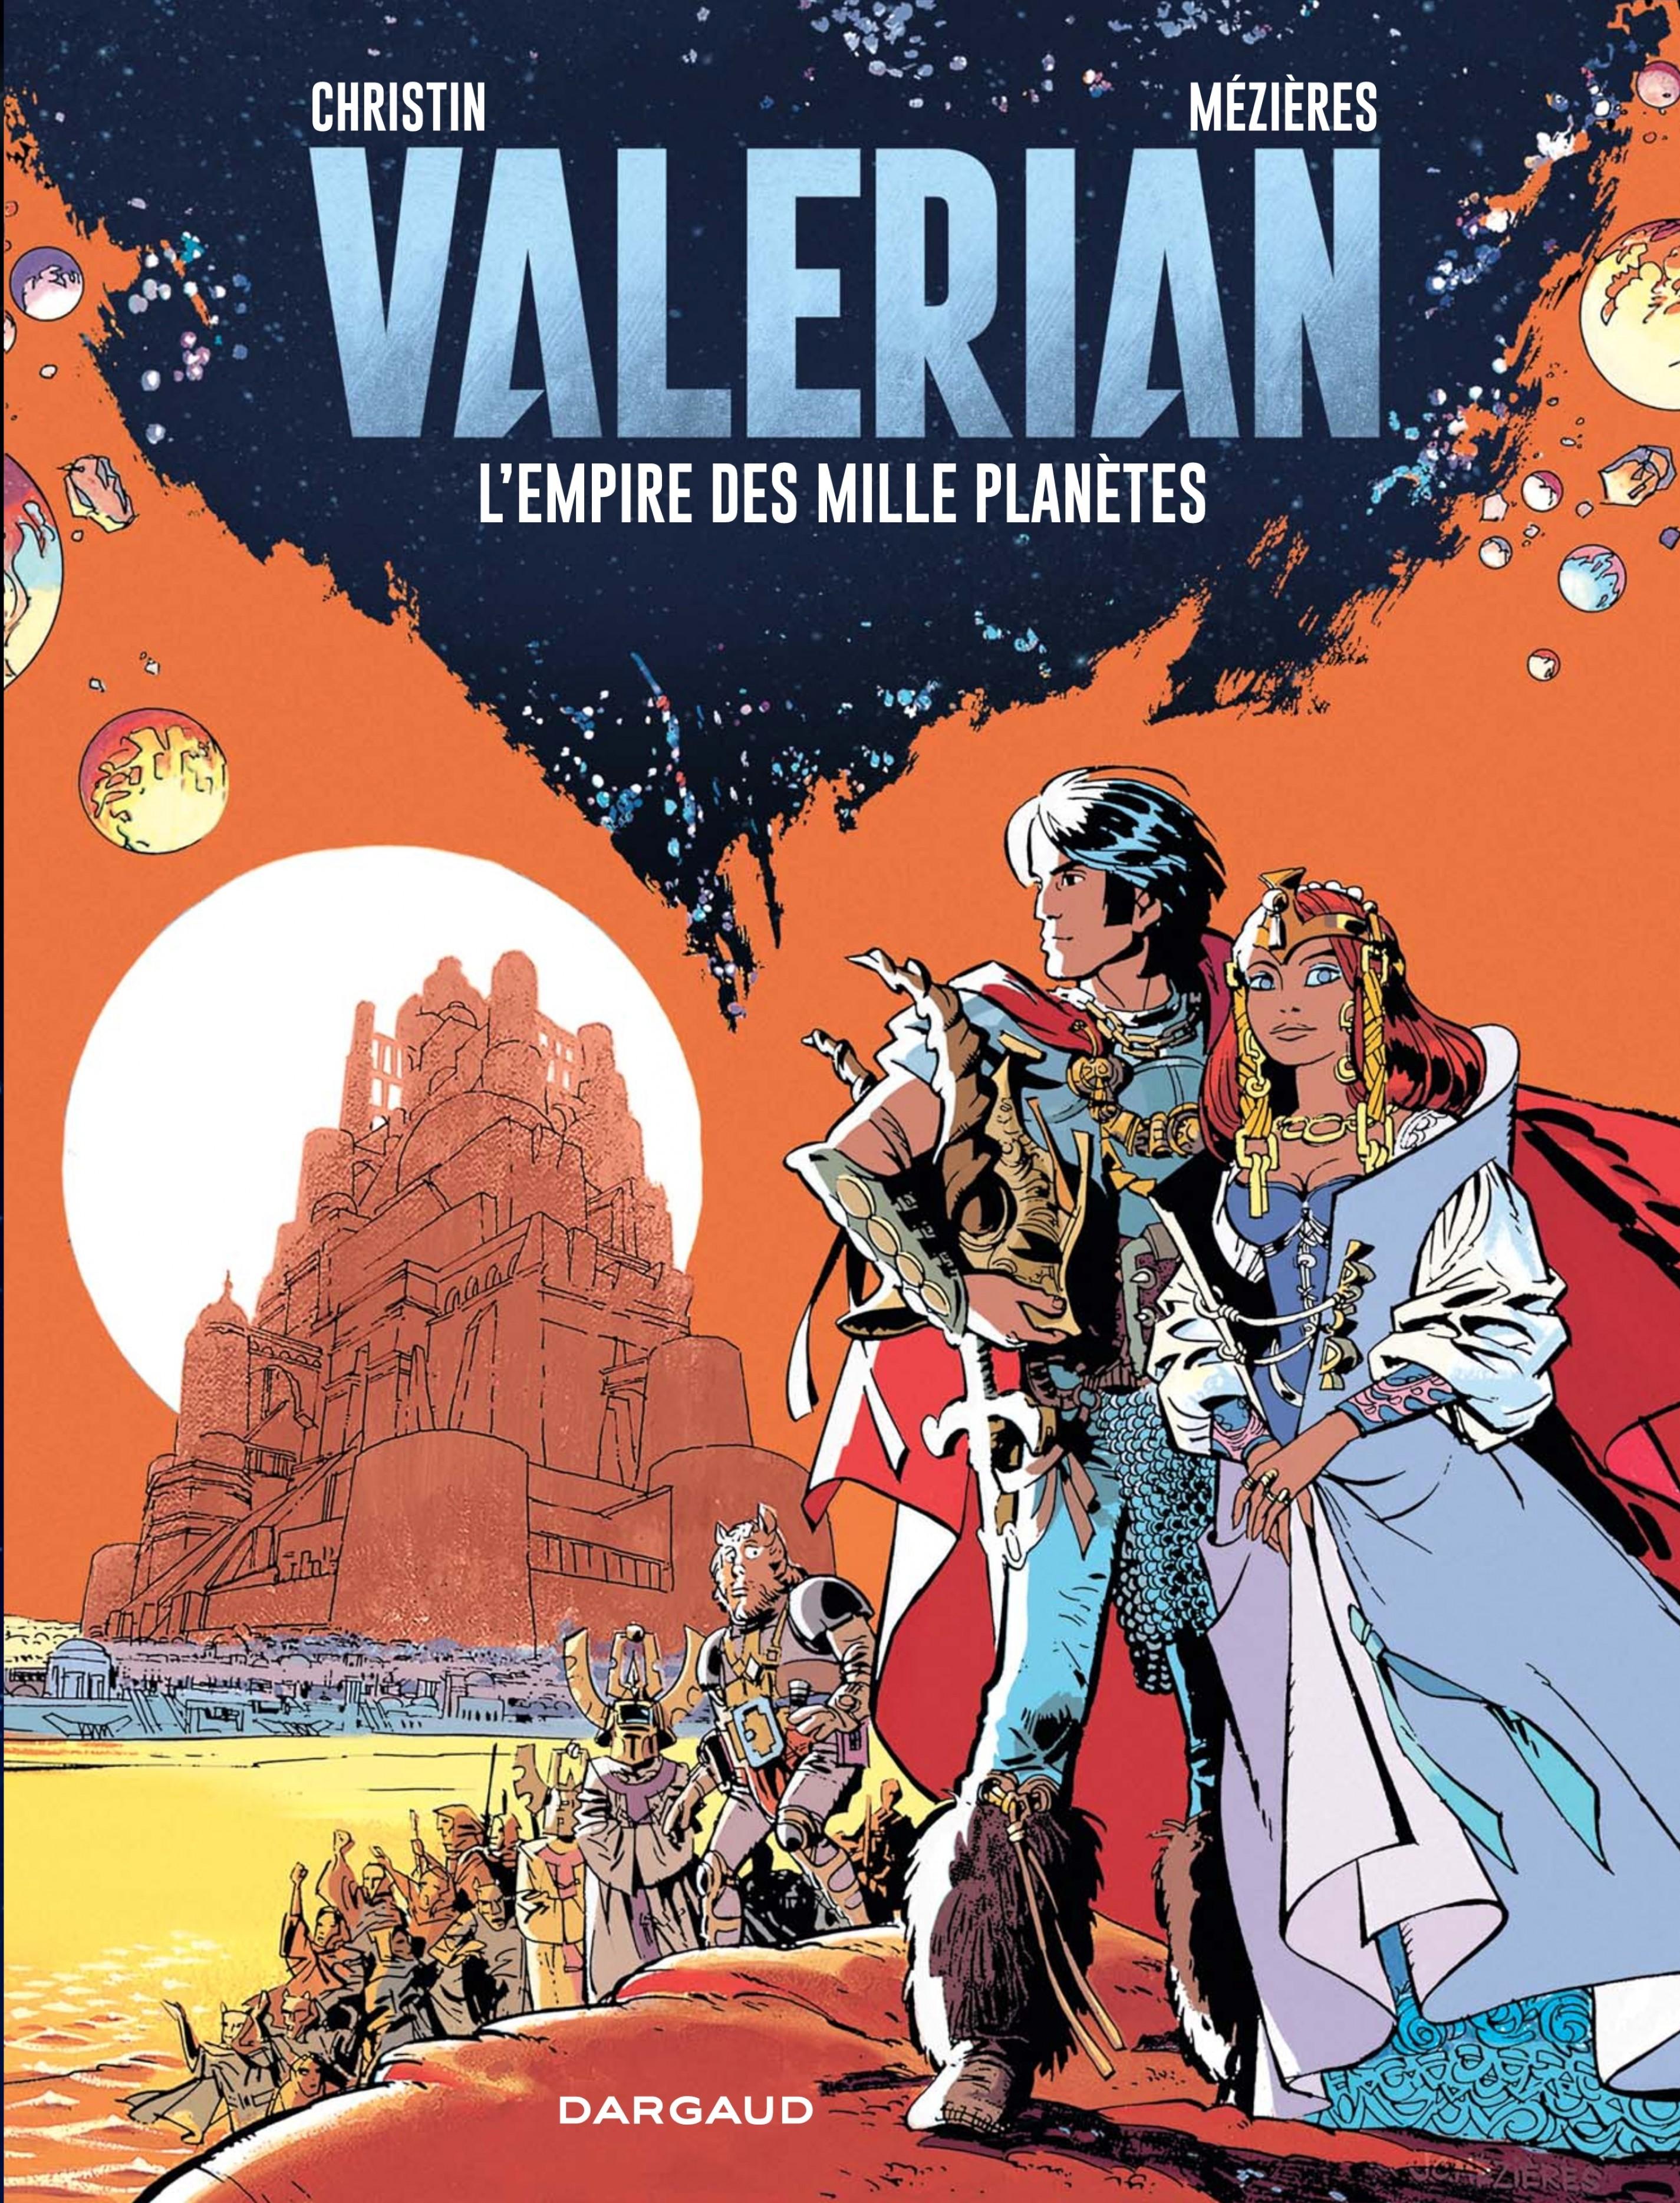 Valérian - Tome 2 - Empire des mille planètes - édition spéciale